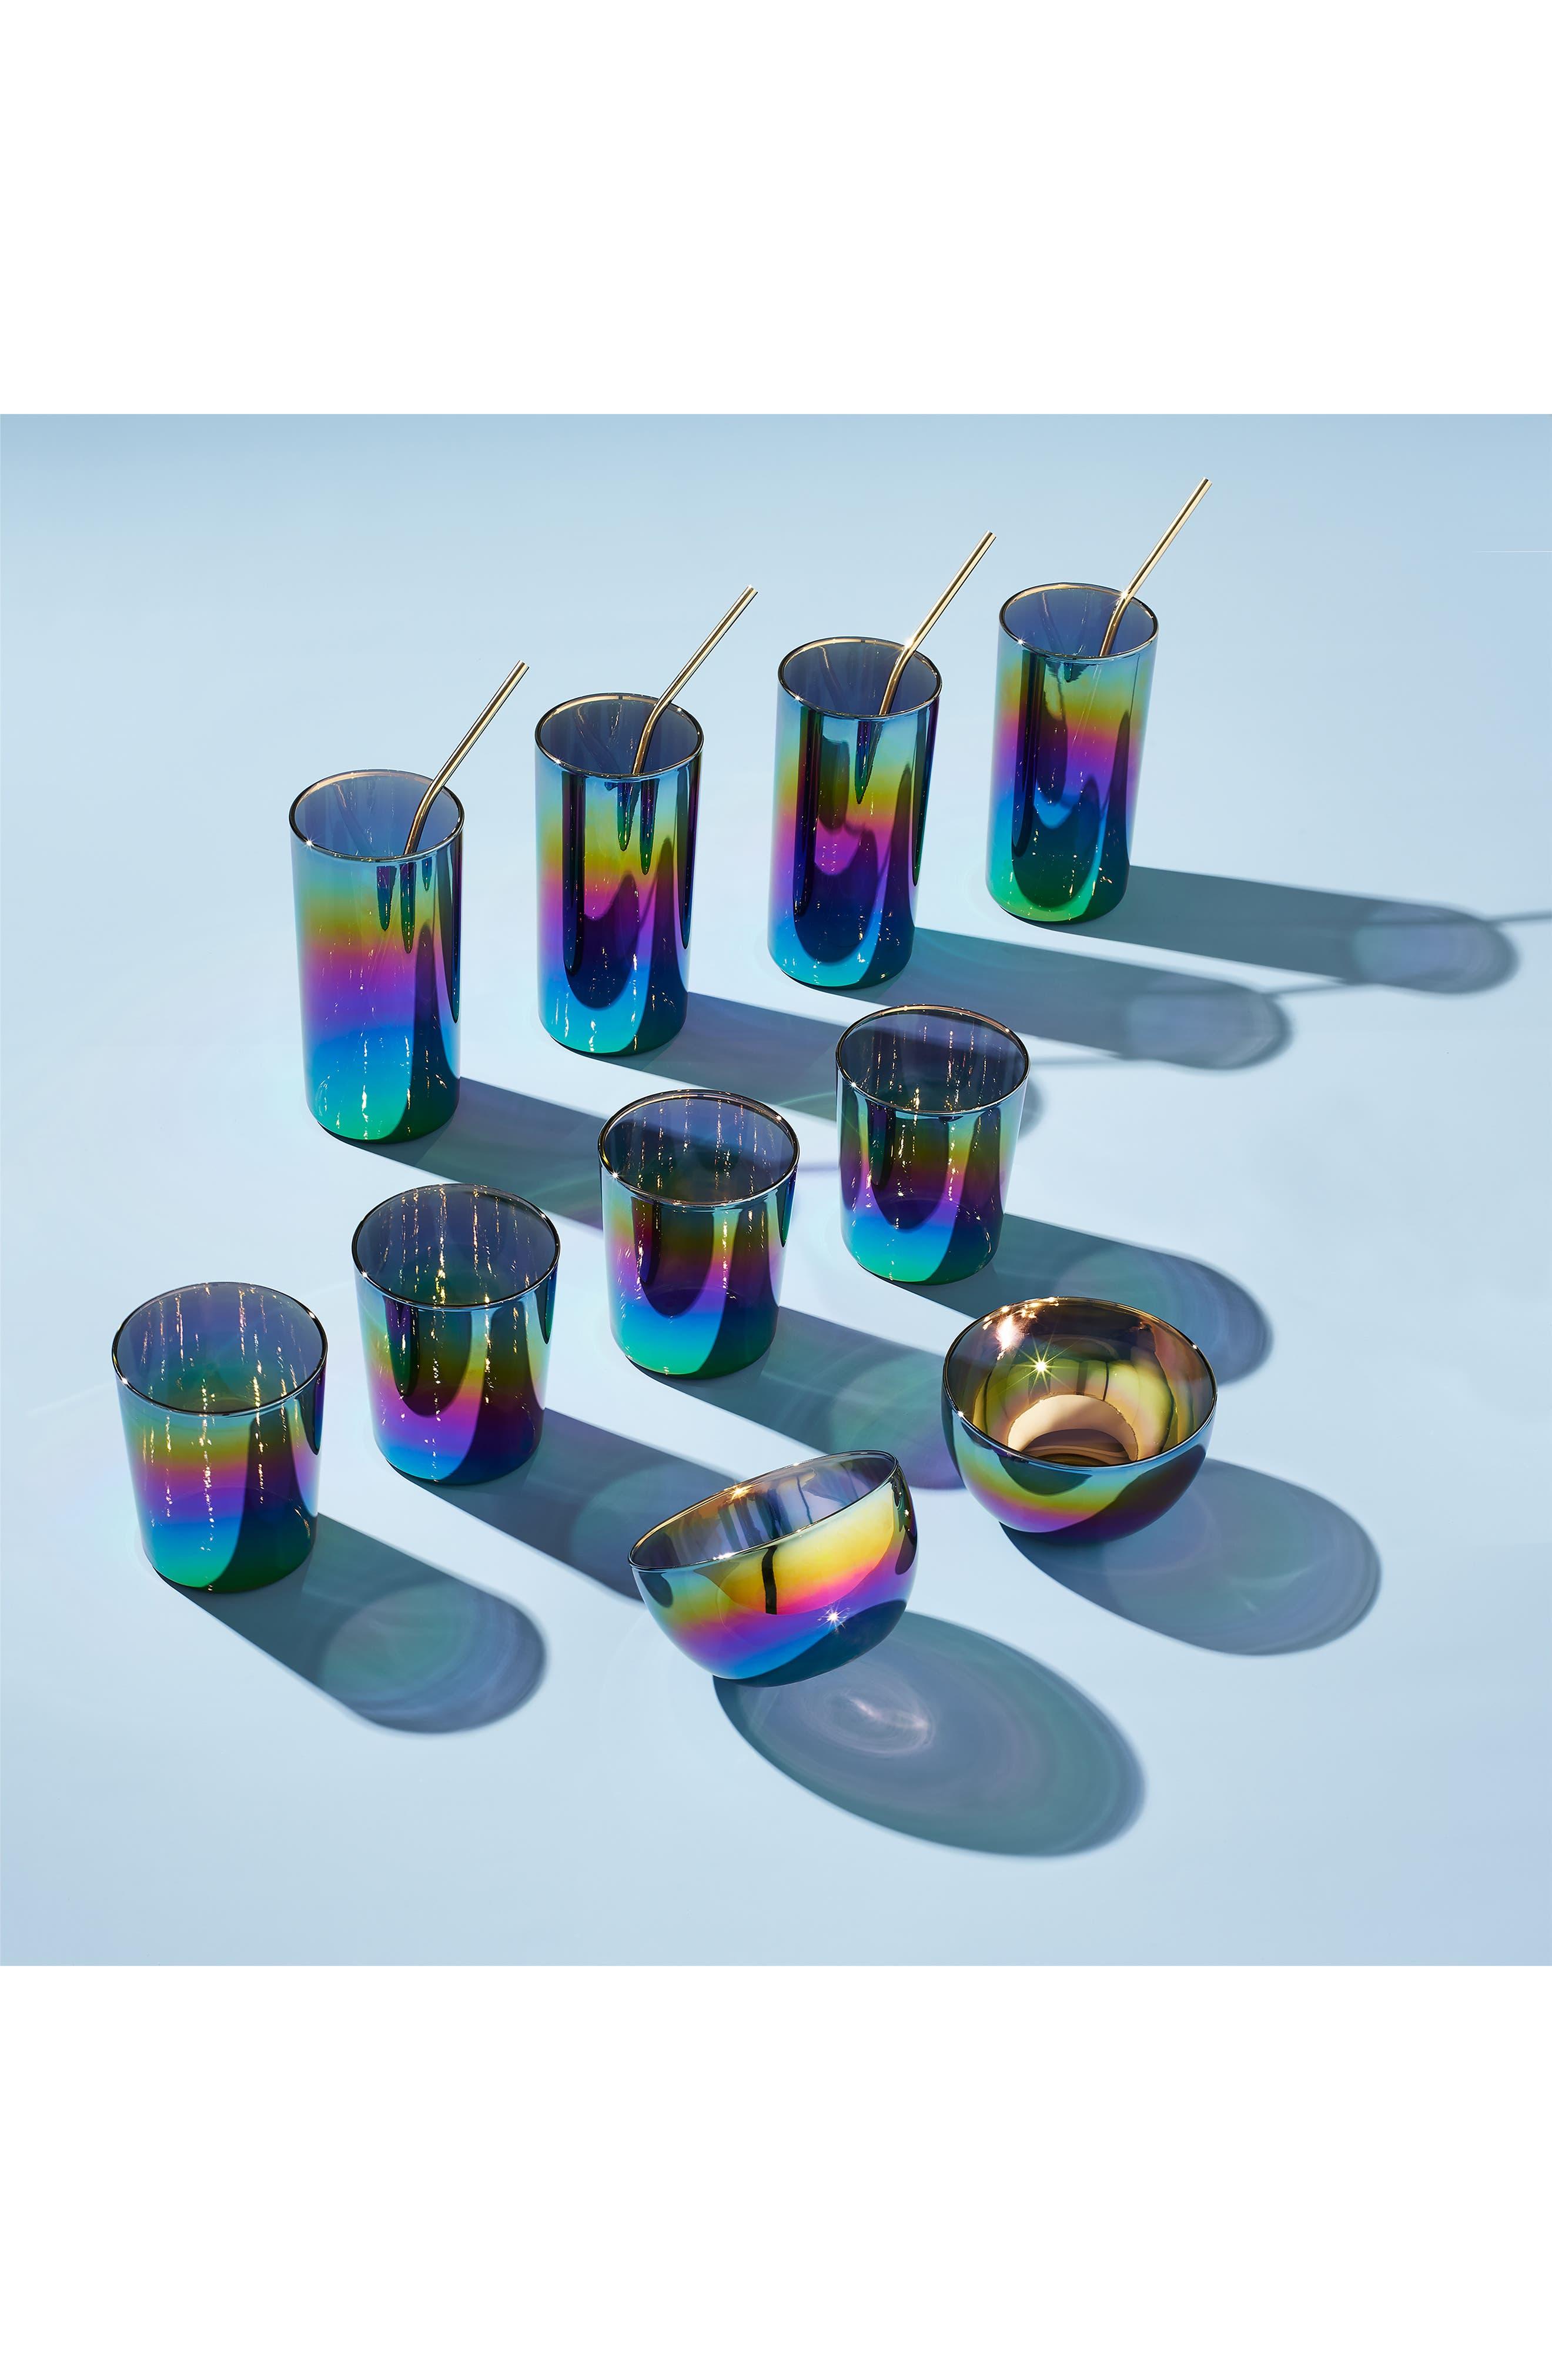 Shimmerware Set of 4 Rocks Glasses,                             Alternate thumbnail 5, color,                             960